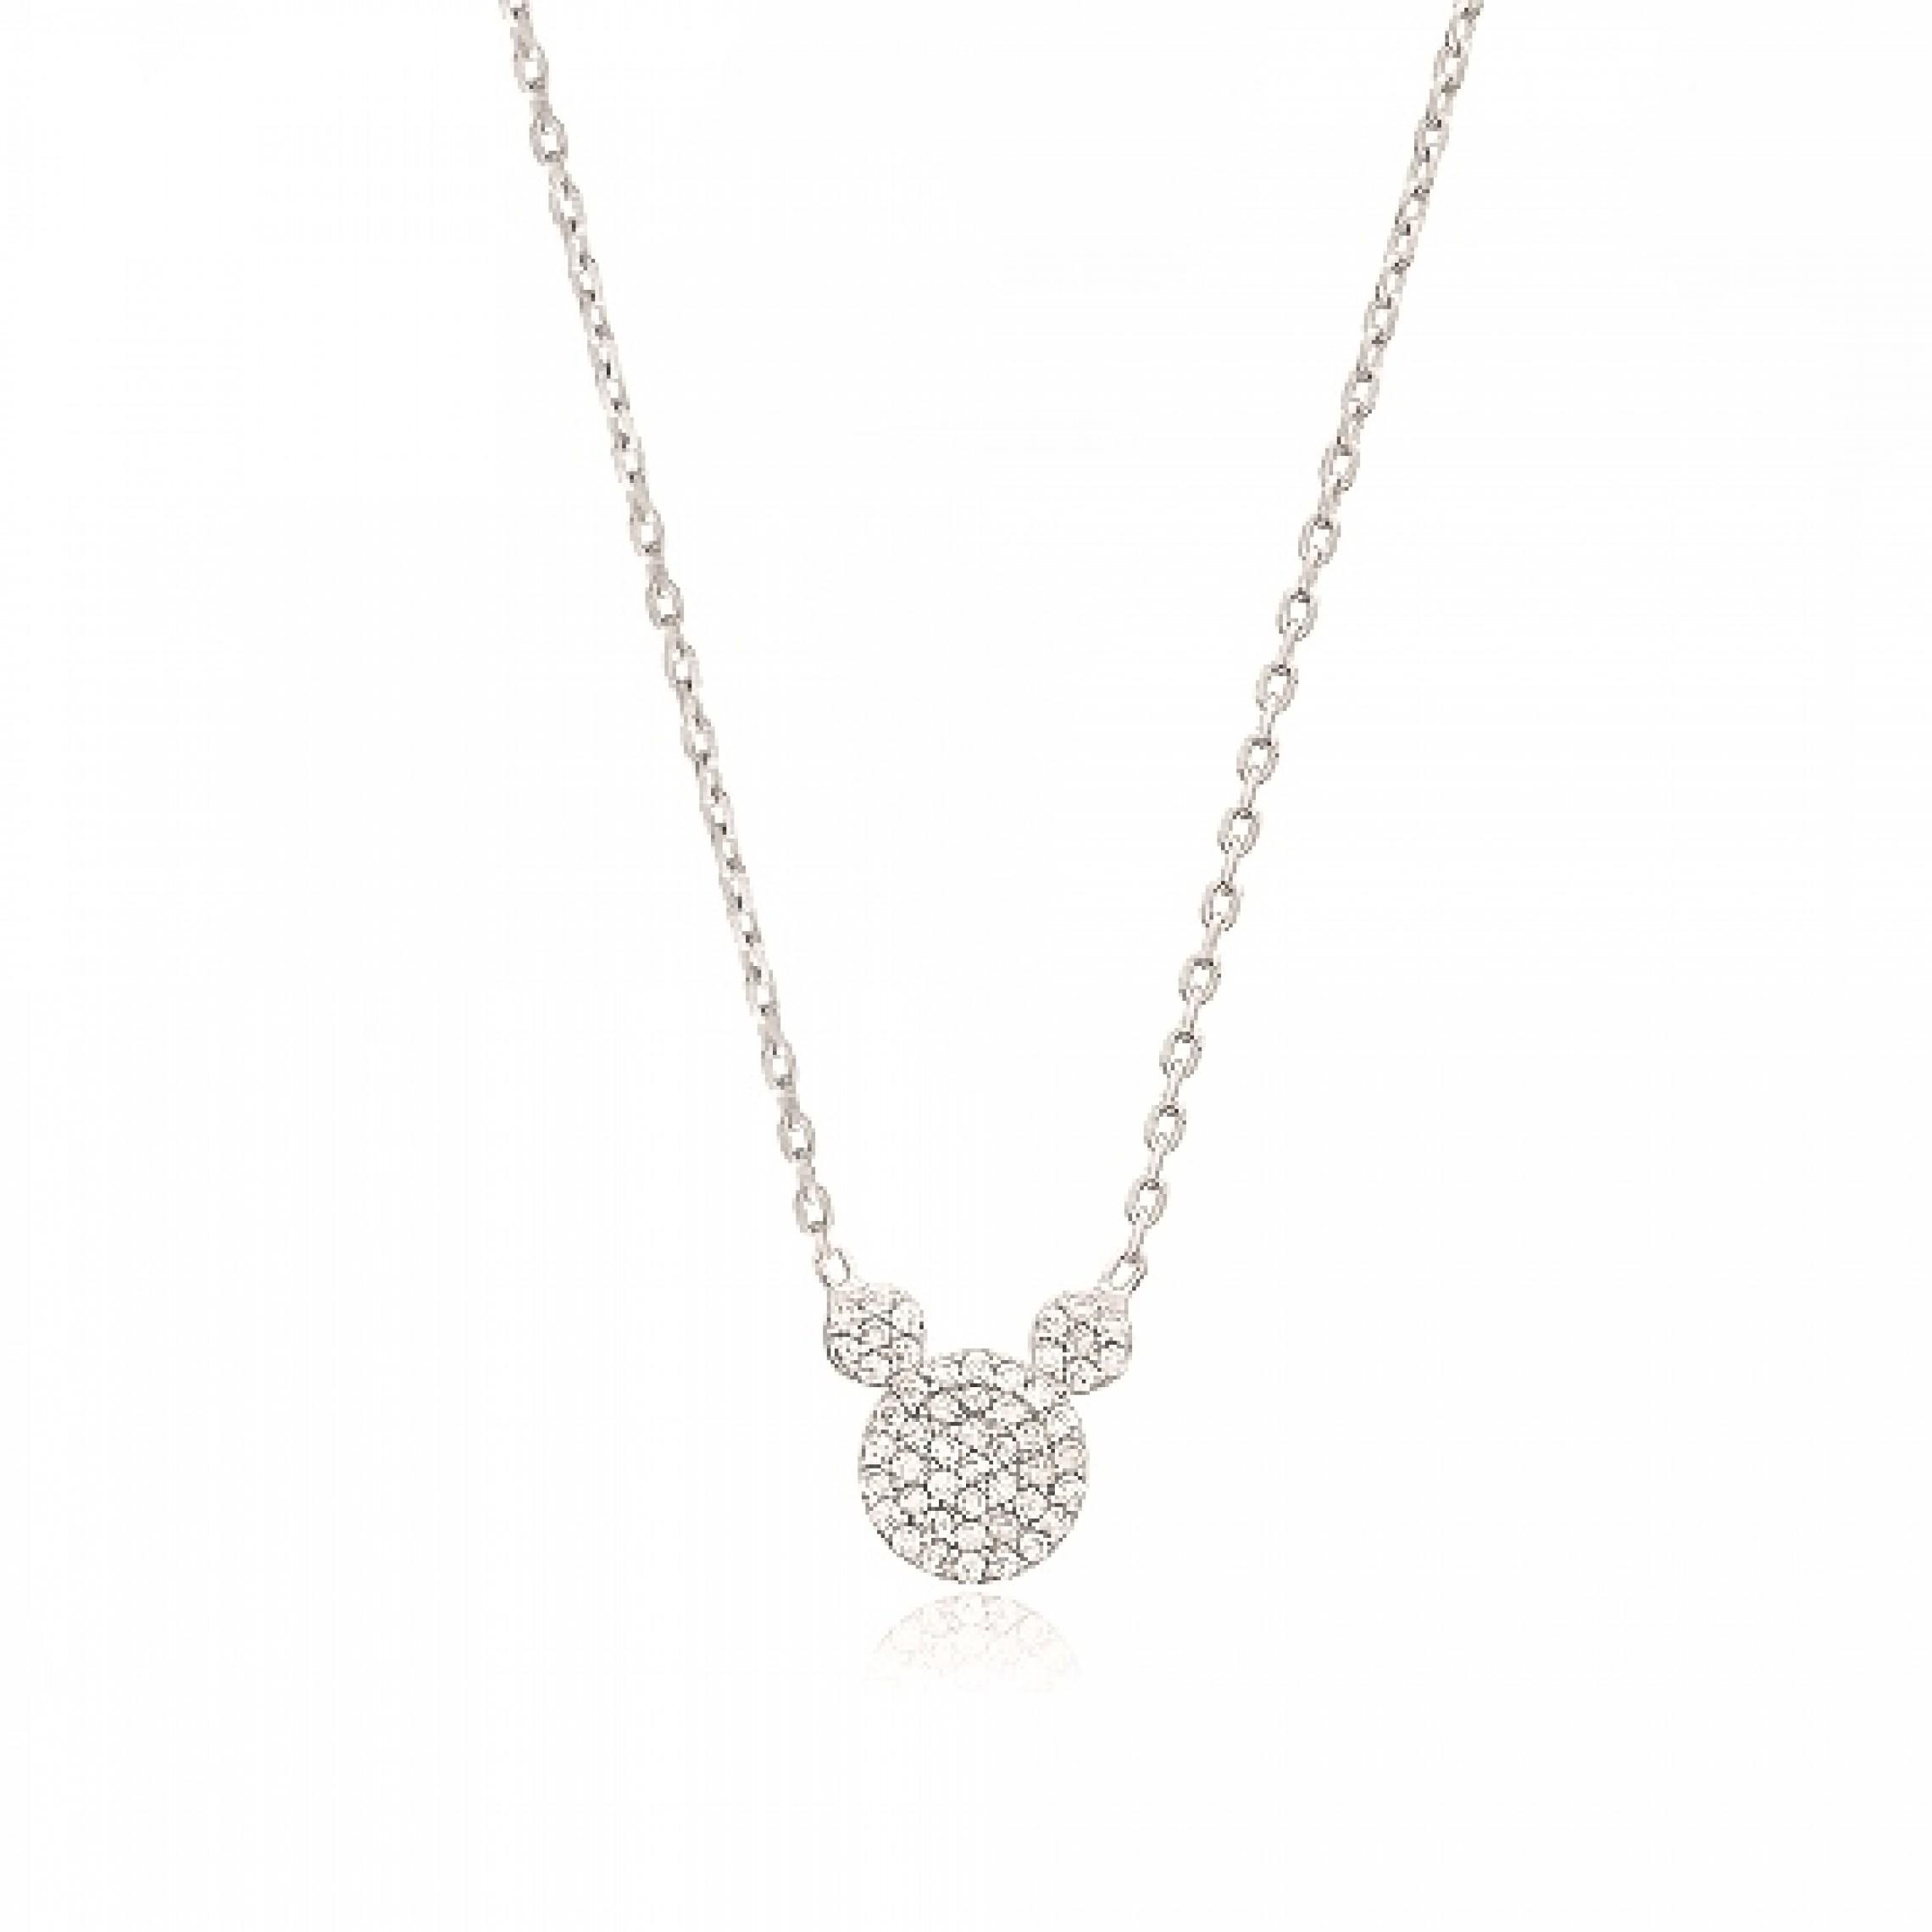 JN-190240 Evil Eye 925 Sterling Silver CZ Necklace